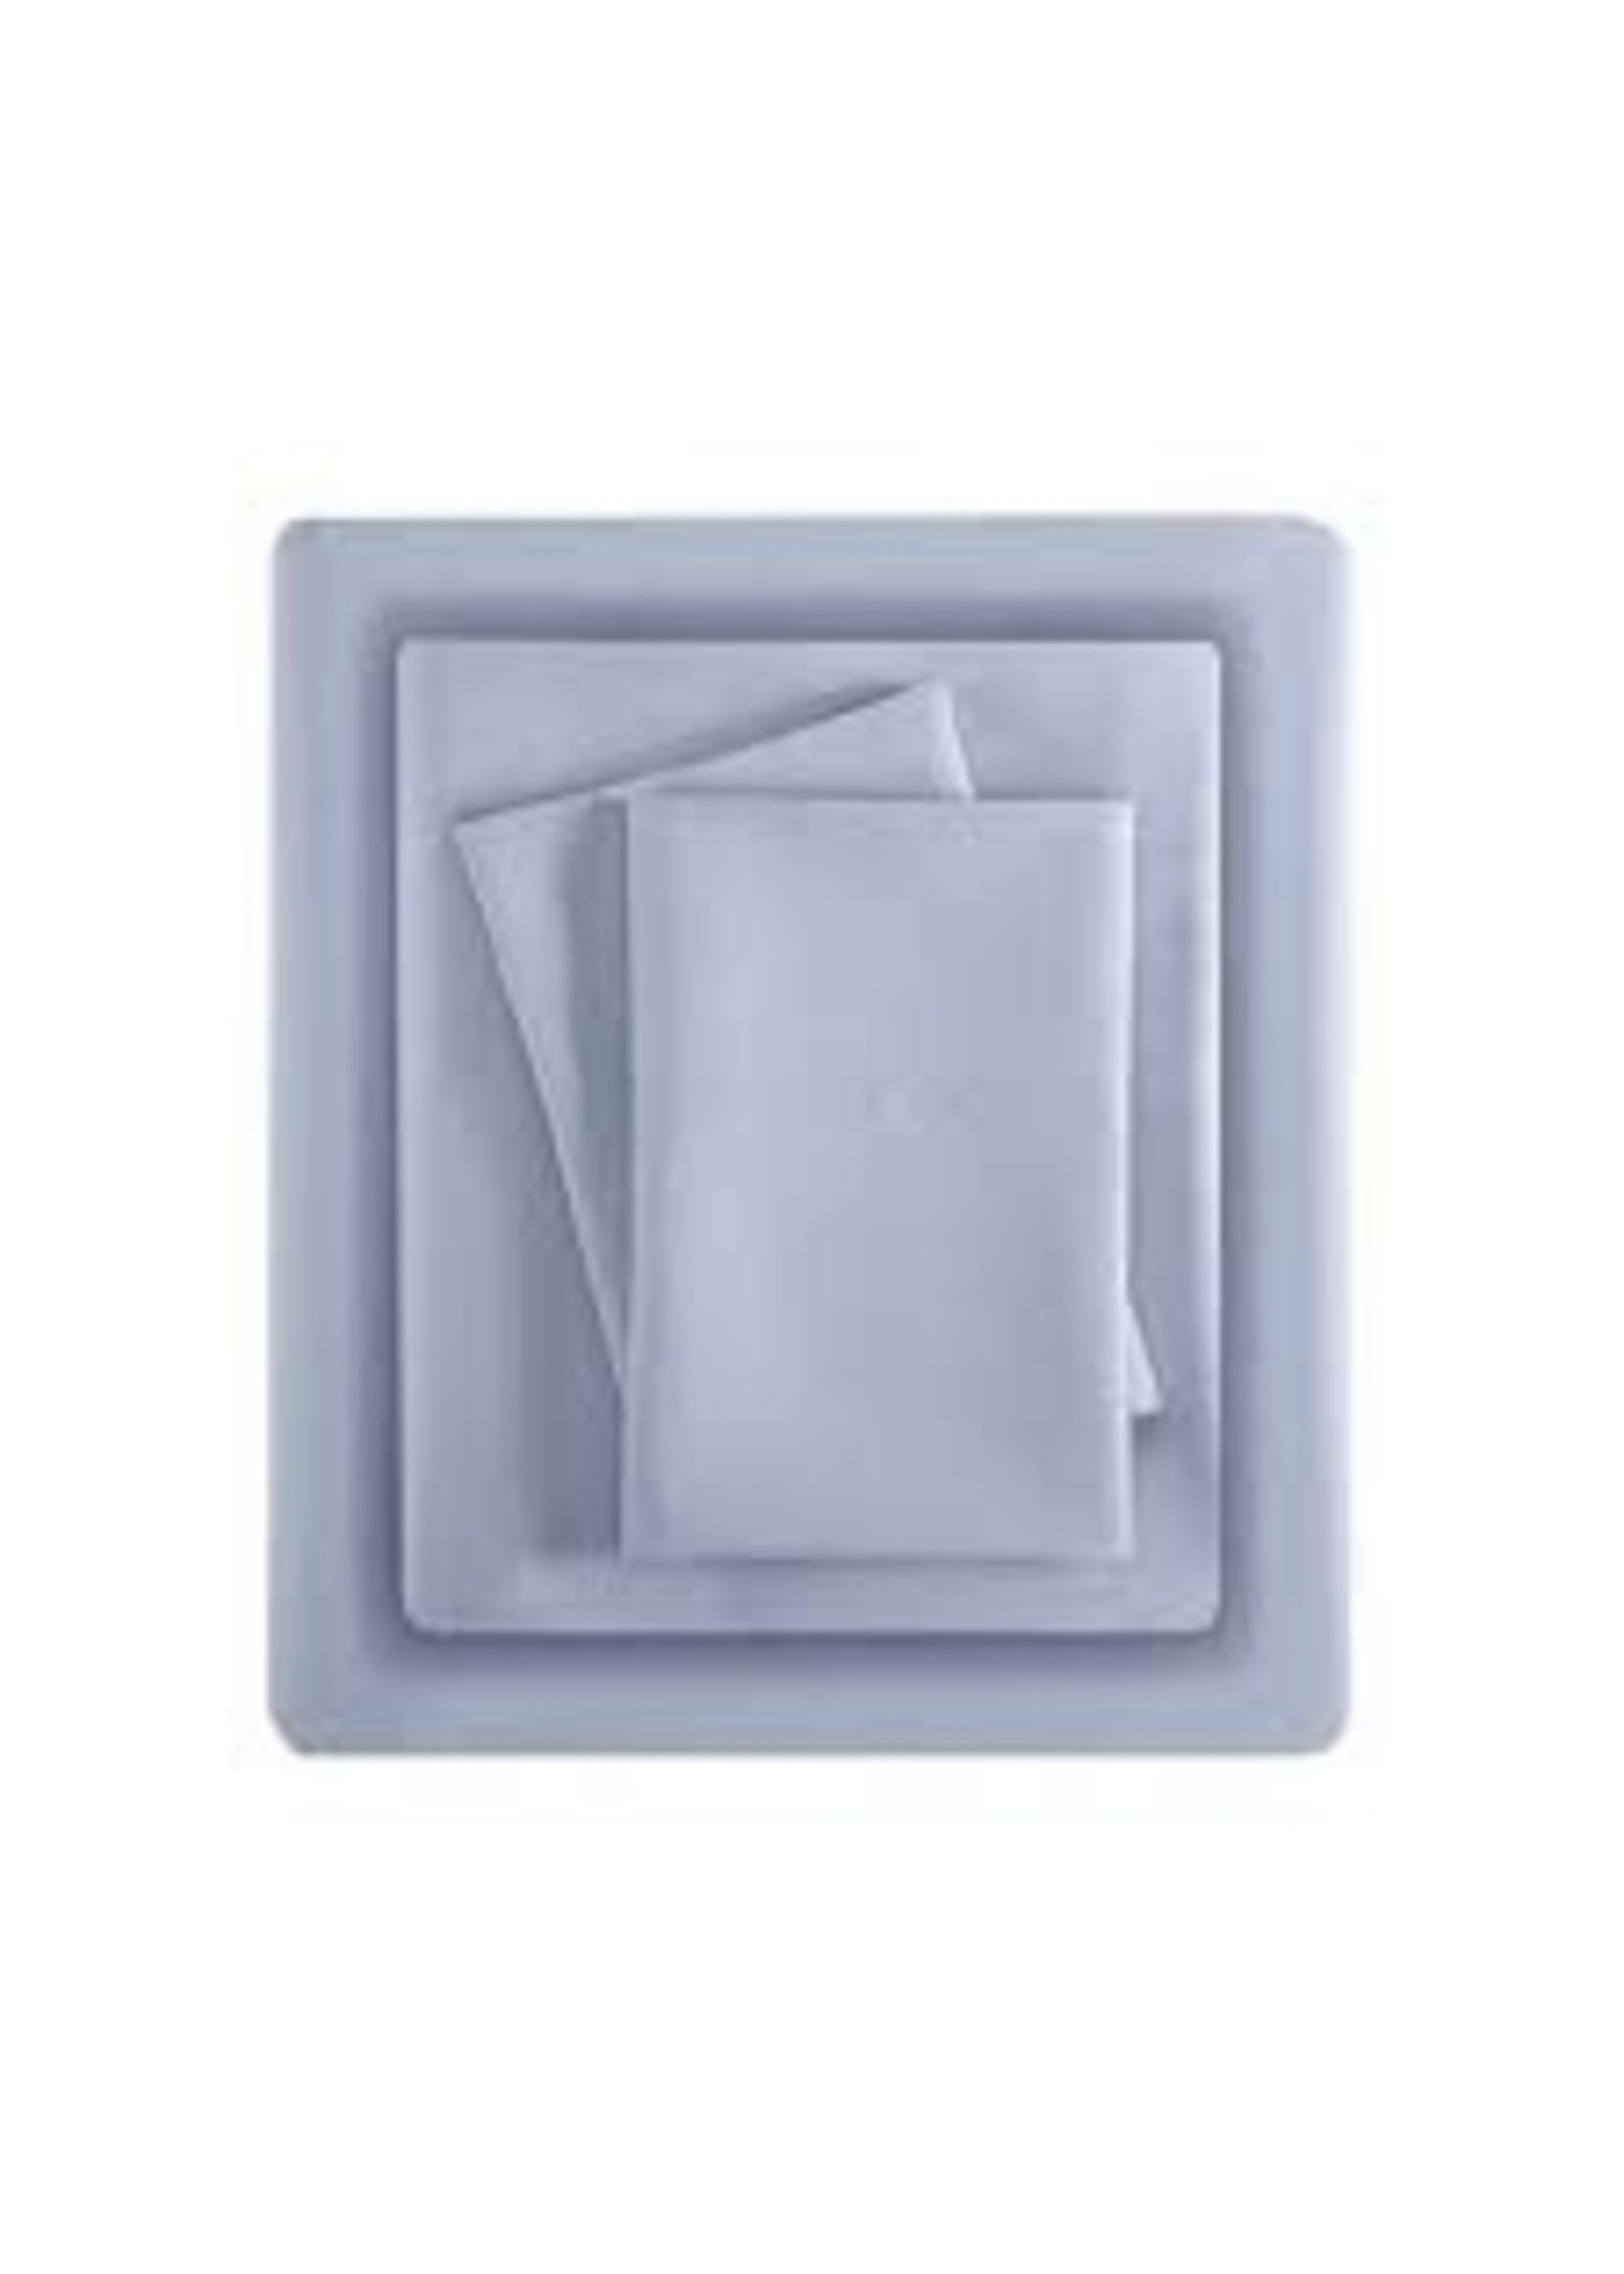 Olliix All Season Moisture Wicking Sheet Set Blue Queen